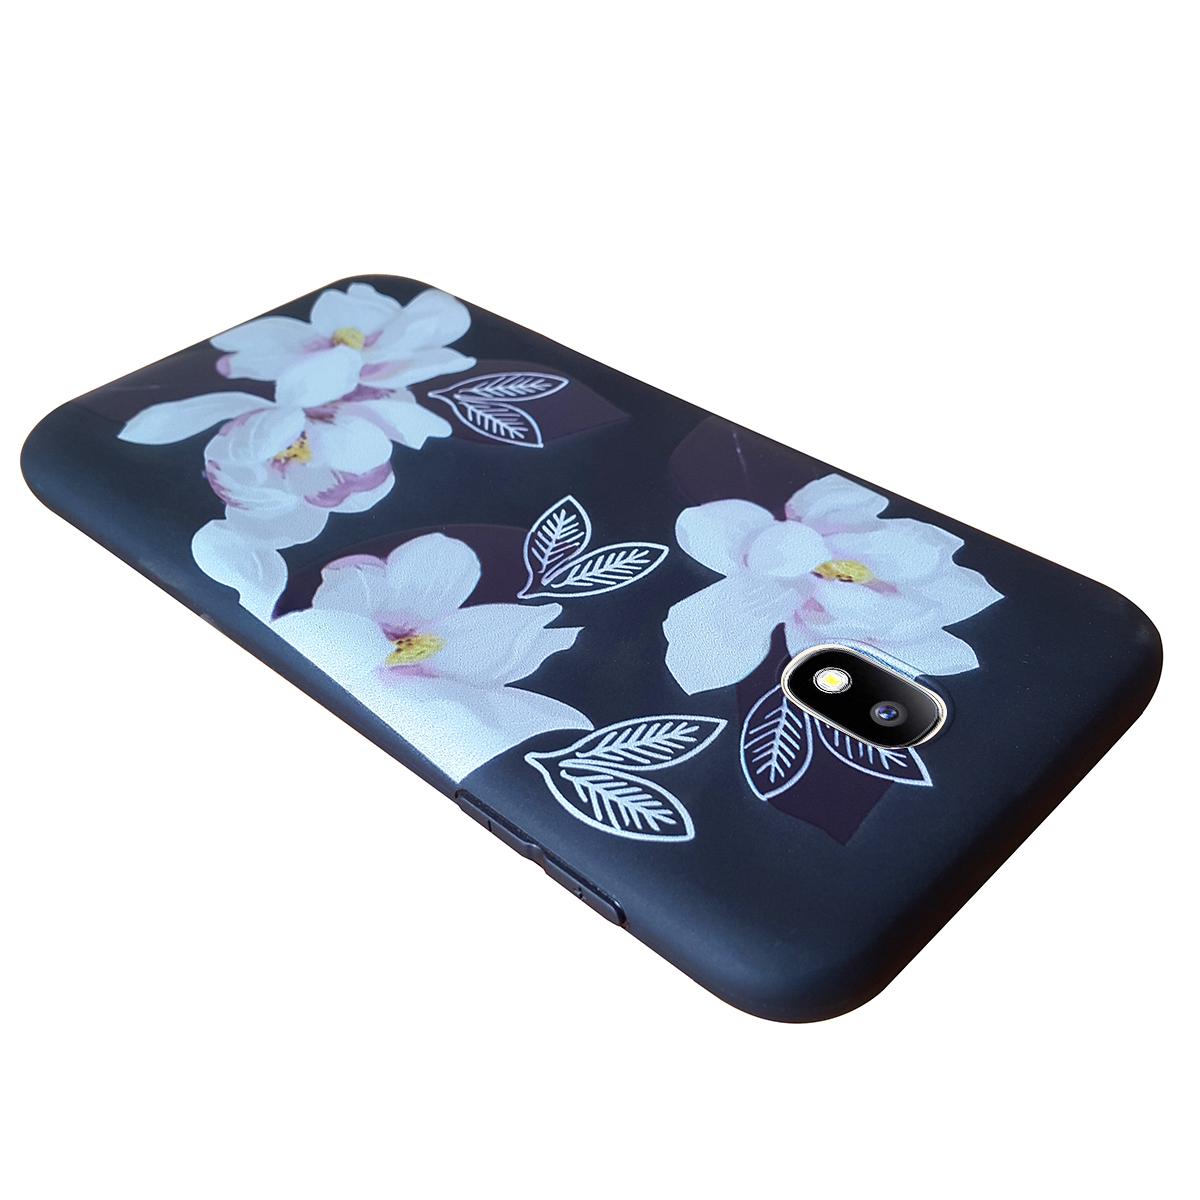 Ốp lưng Samsung Galaxy J7 Pro Tuxedo hình hoa mộc lan (chất liệu nhựa dẻo đàn hồi, chống bụi, chống xước)